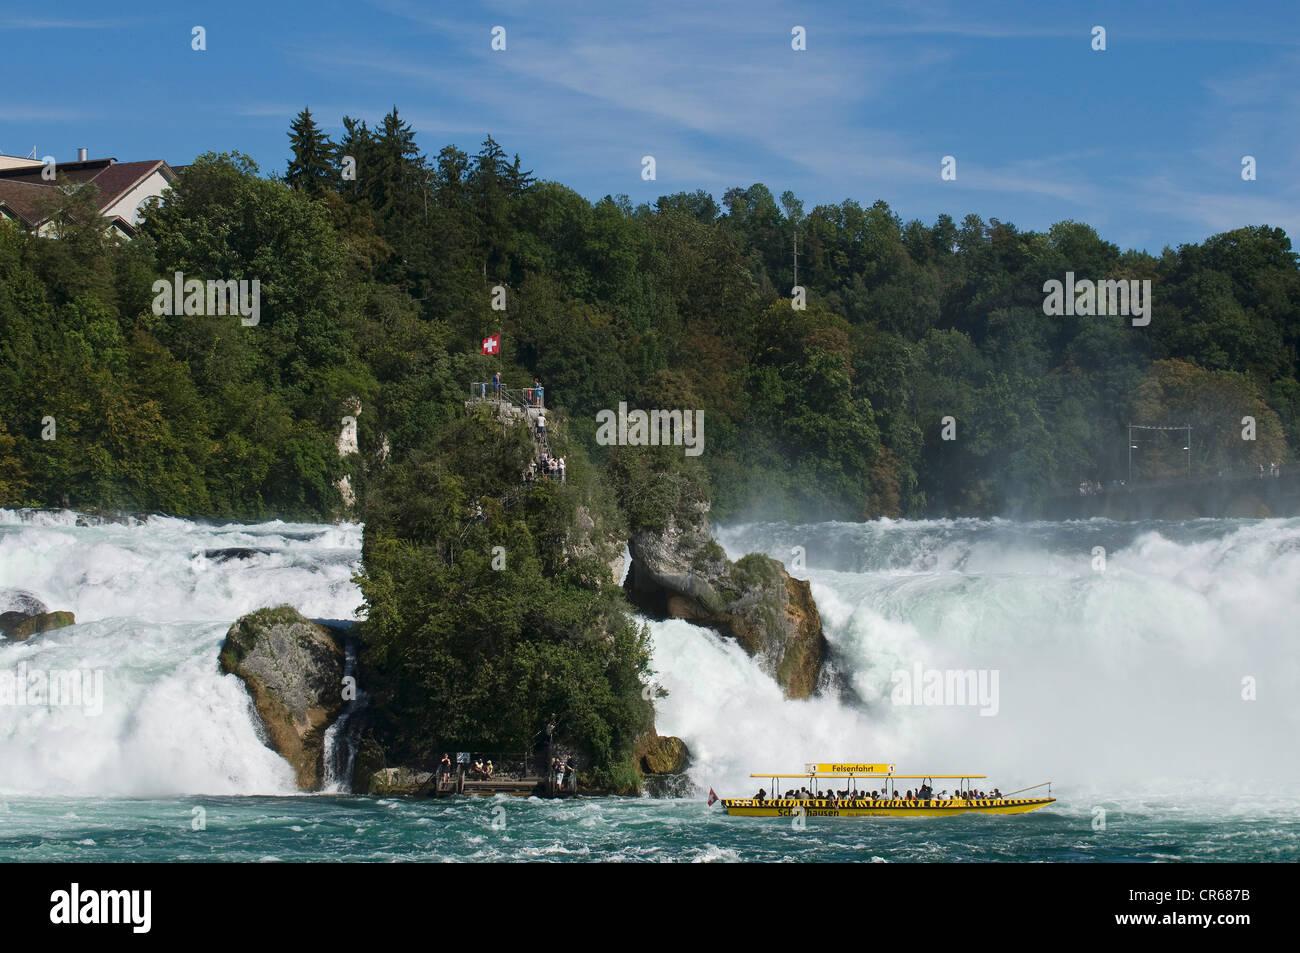 Rock au milieu des eaux de l'rugissant chutes du Rhin de Schaffhouse, bateau d'excursions touristiques à Photo Stock